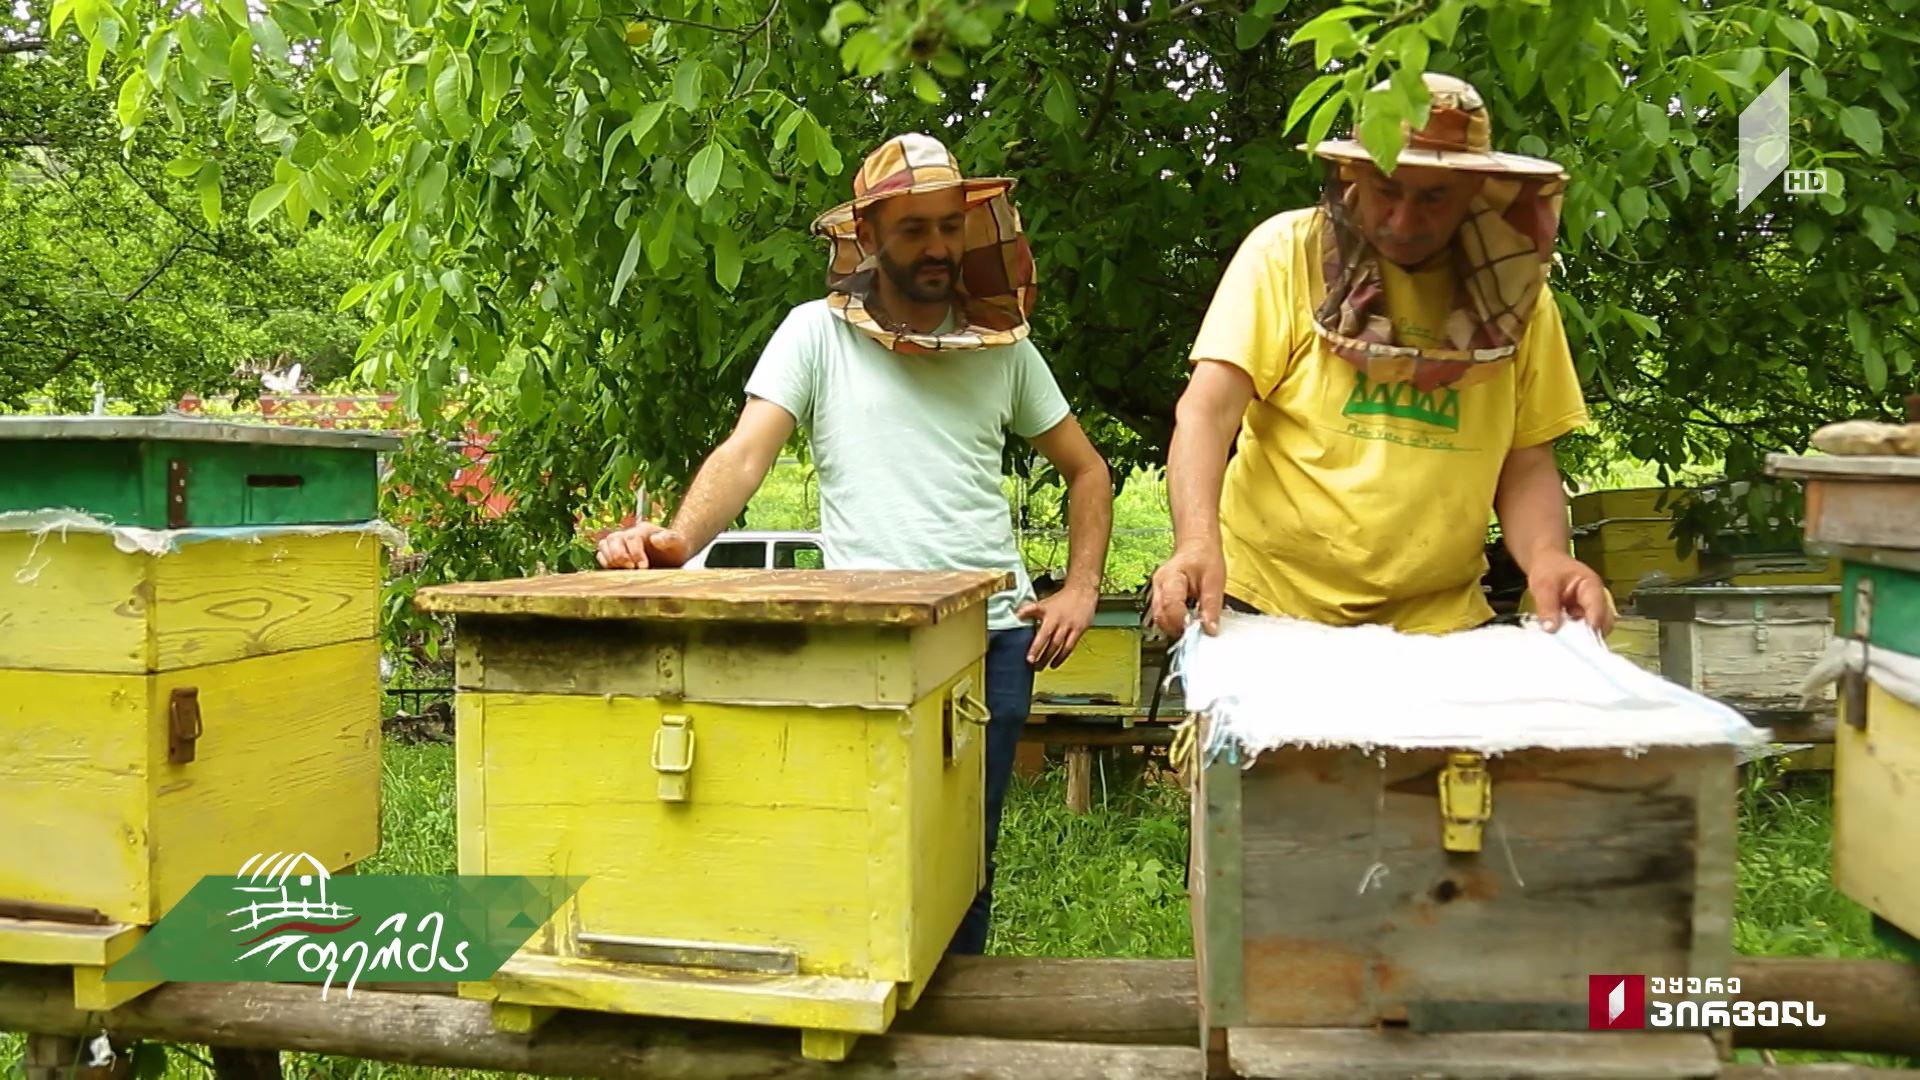 #ფერმა საოჯახო მეურნეობა და გამოცდილი ფერმერის რჩევები მეფუტკრეობისა და მეკალმახეობის განვითარებისთვის